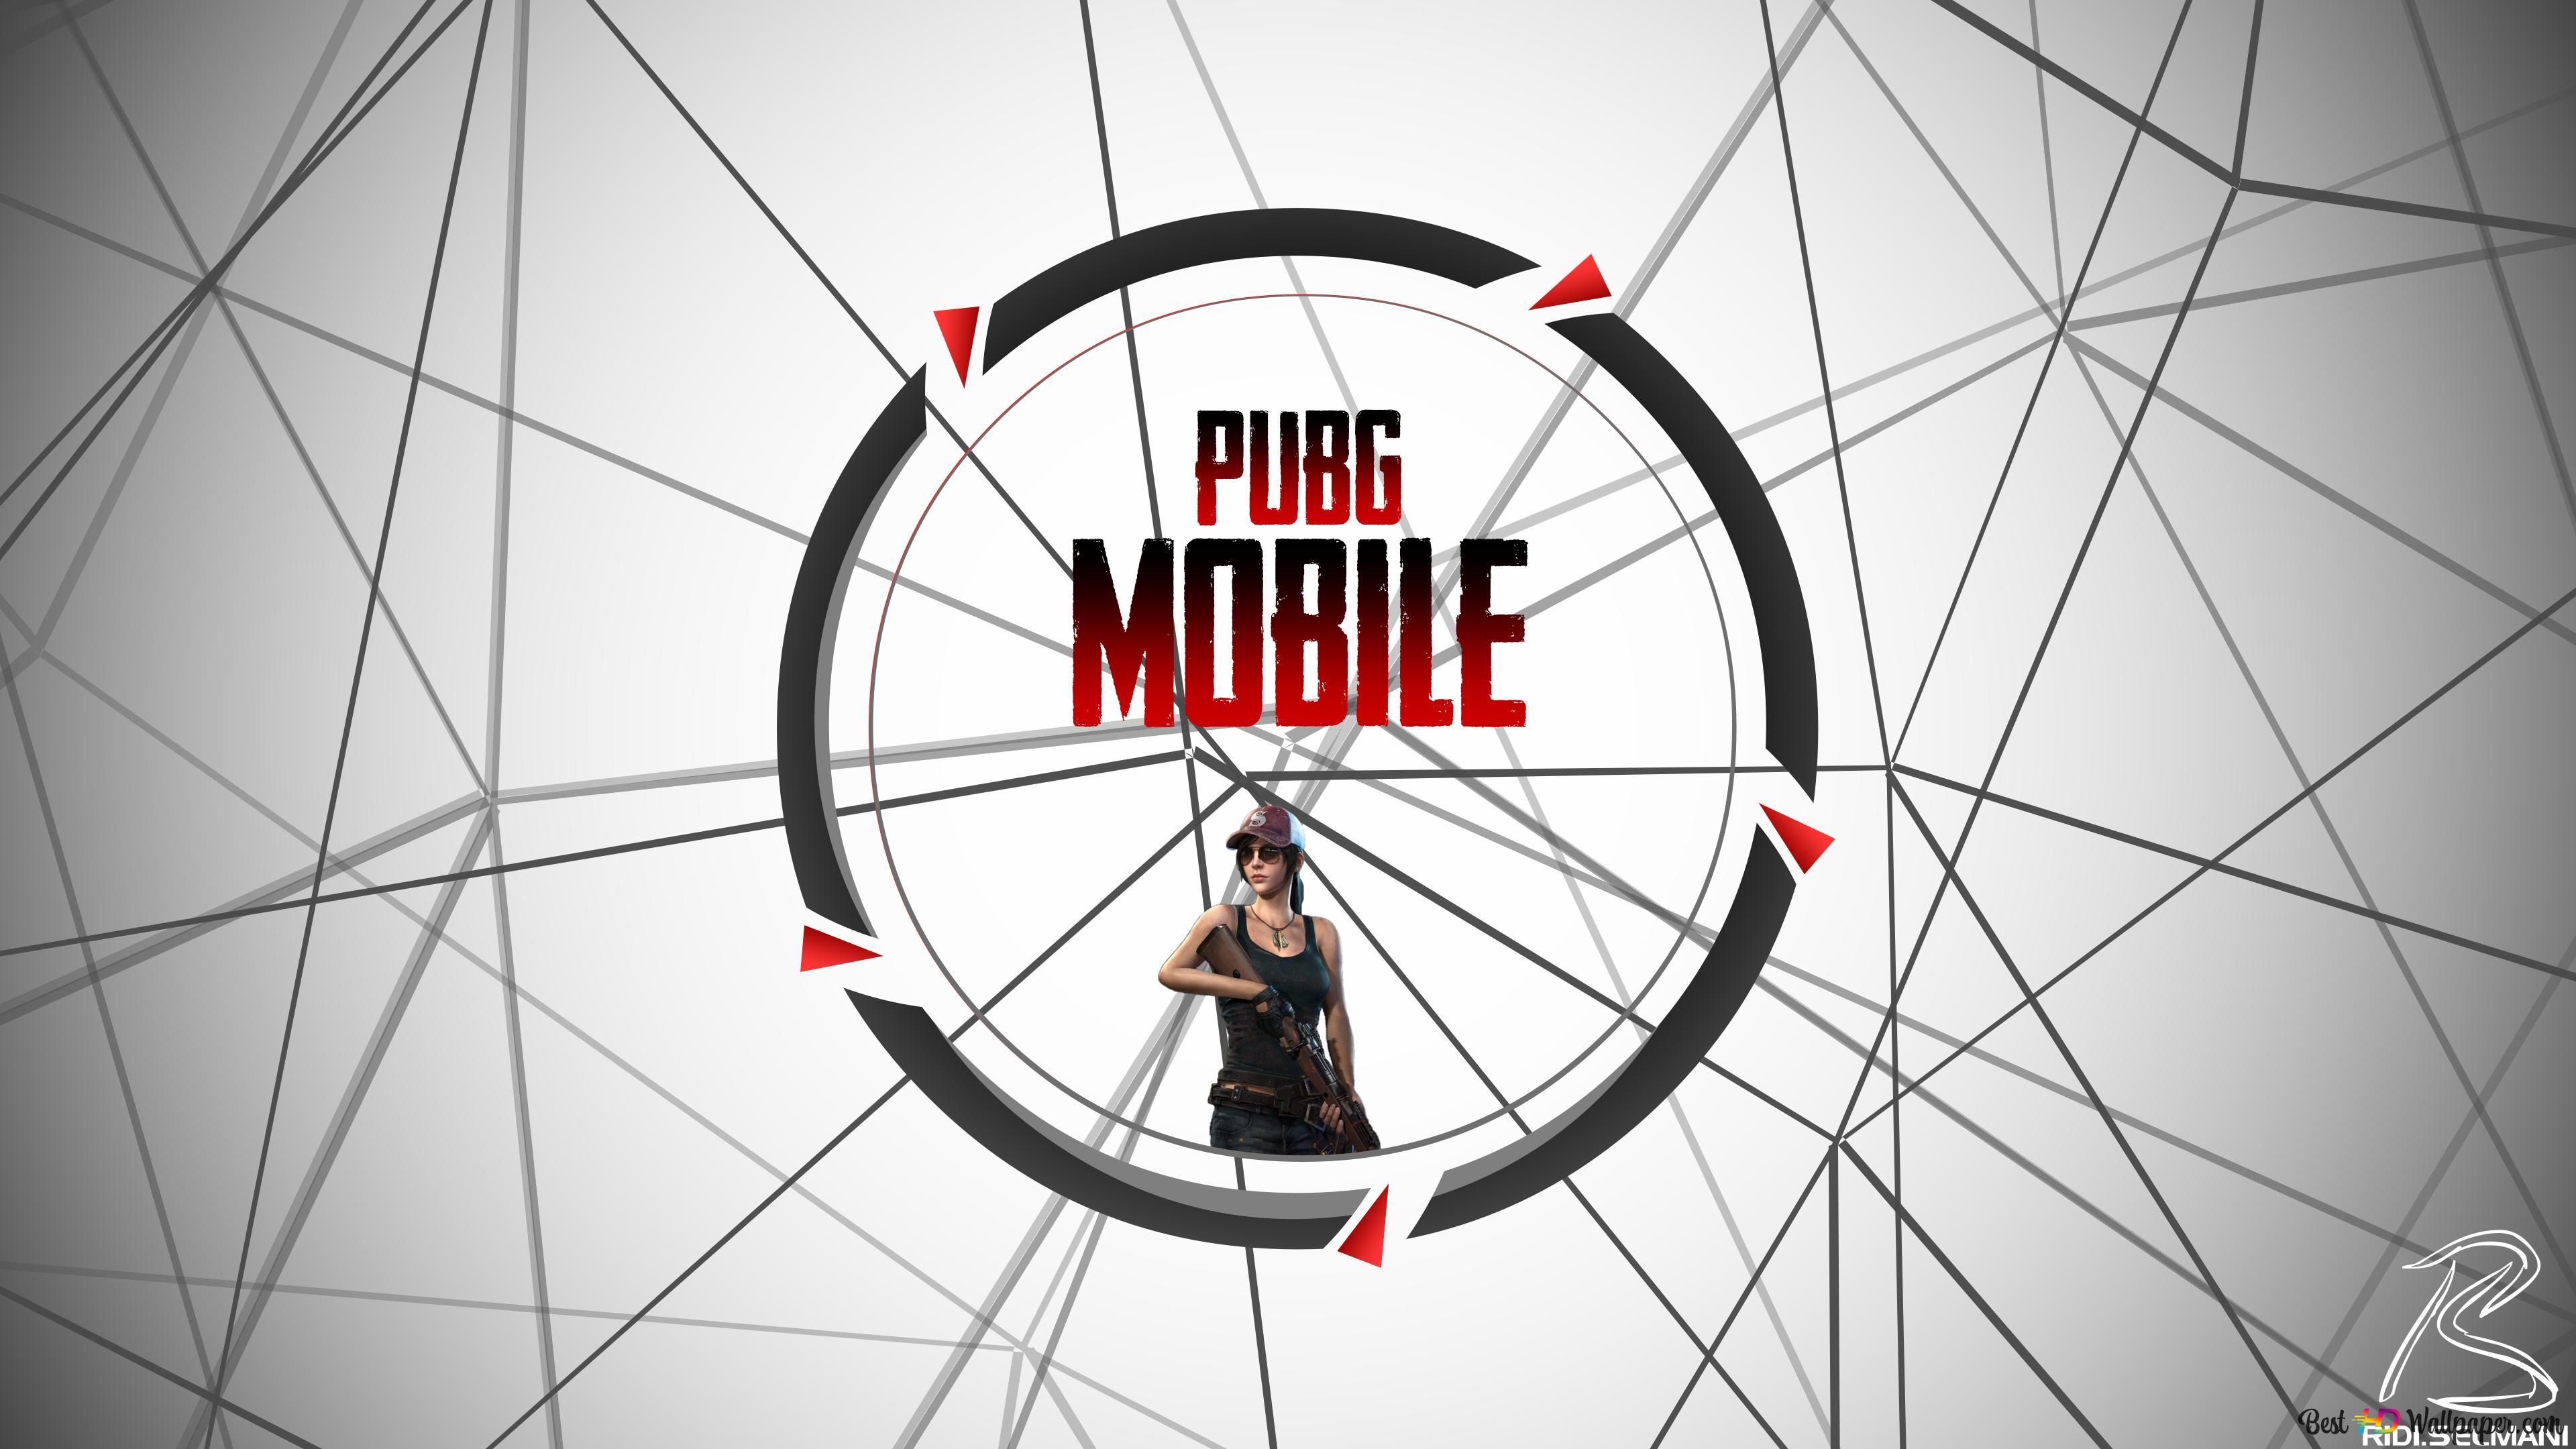 Pubg Mobile Jadi Hd: Pubg Mobile Hd HD Wallpaper Download